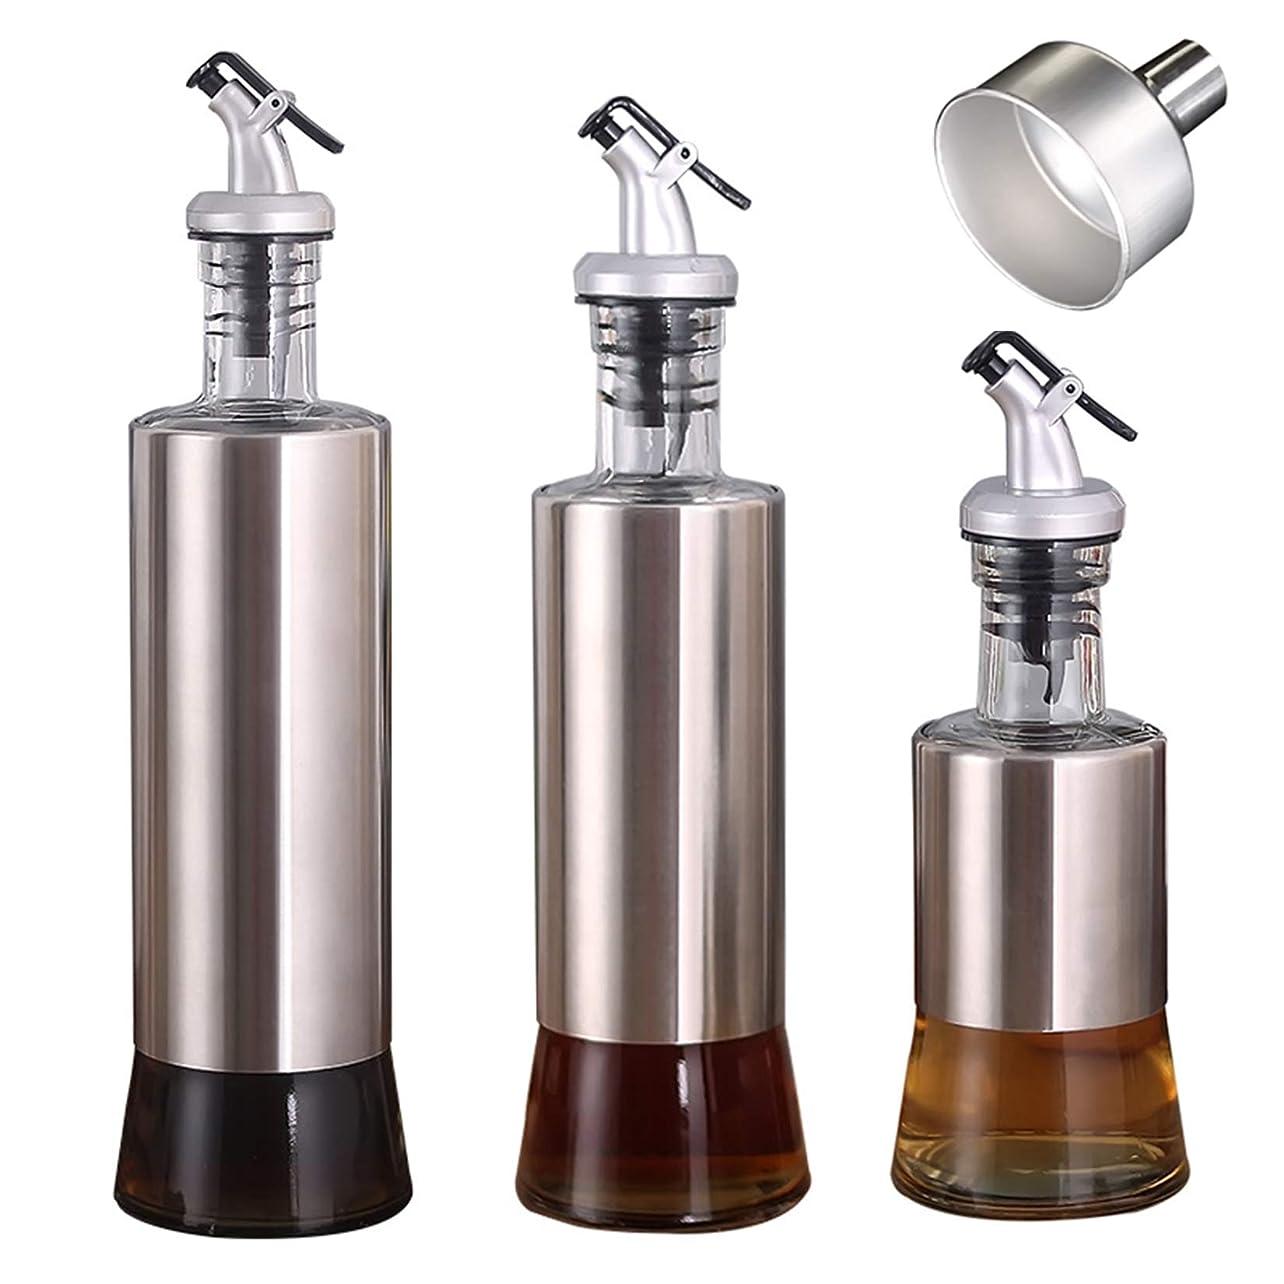 一方、満足させる甘味3パックのオイルと酢のディスペンサー、漏れのないオリーブオイルのボトル容器、キッチン調理用調味料クルート、ステンレス鋼と鉛フリーガラス、漏斗付き